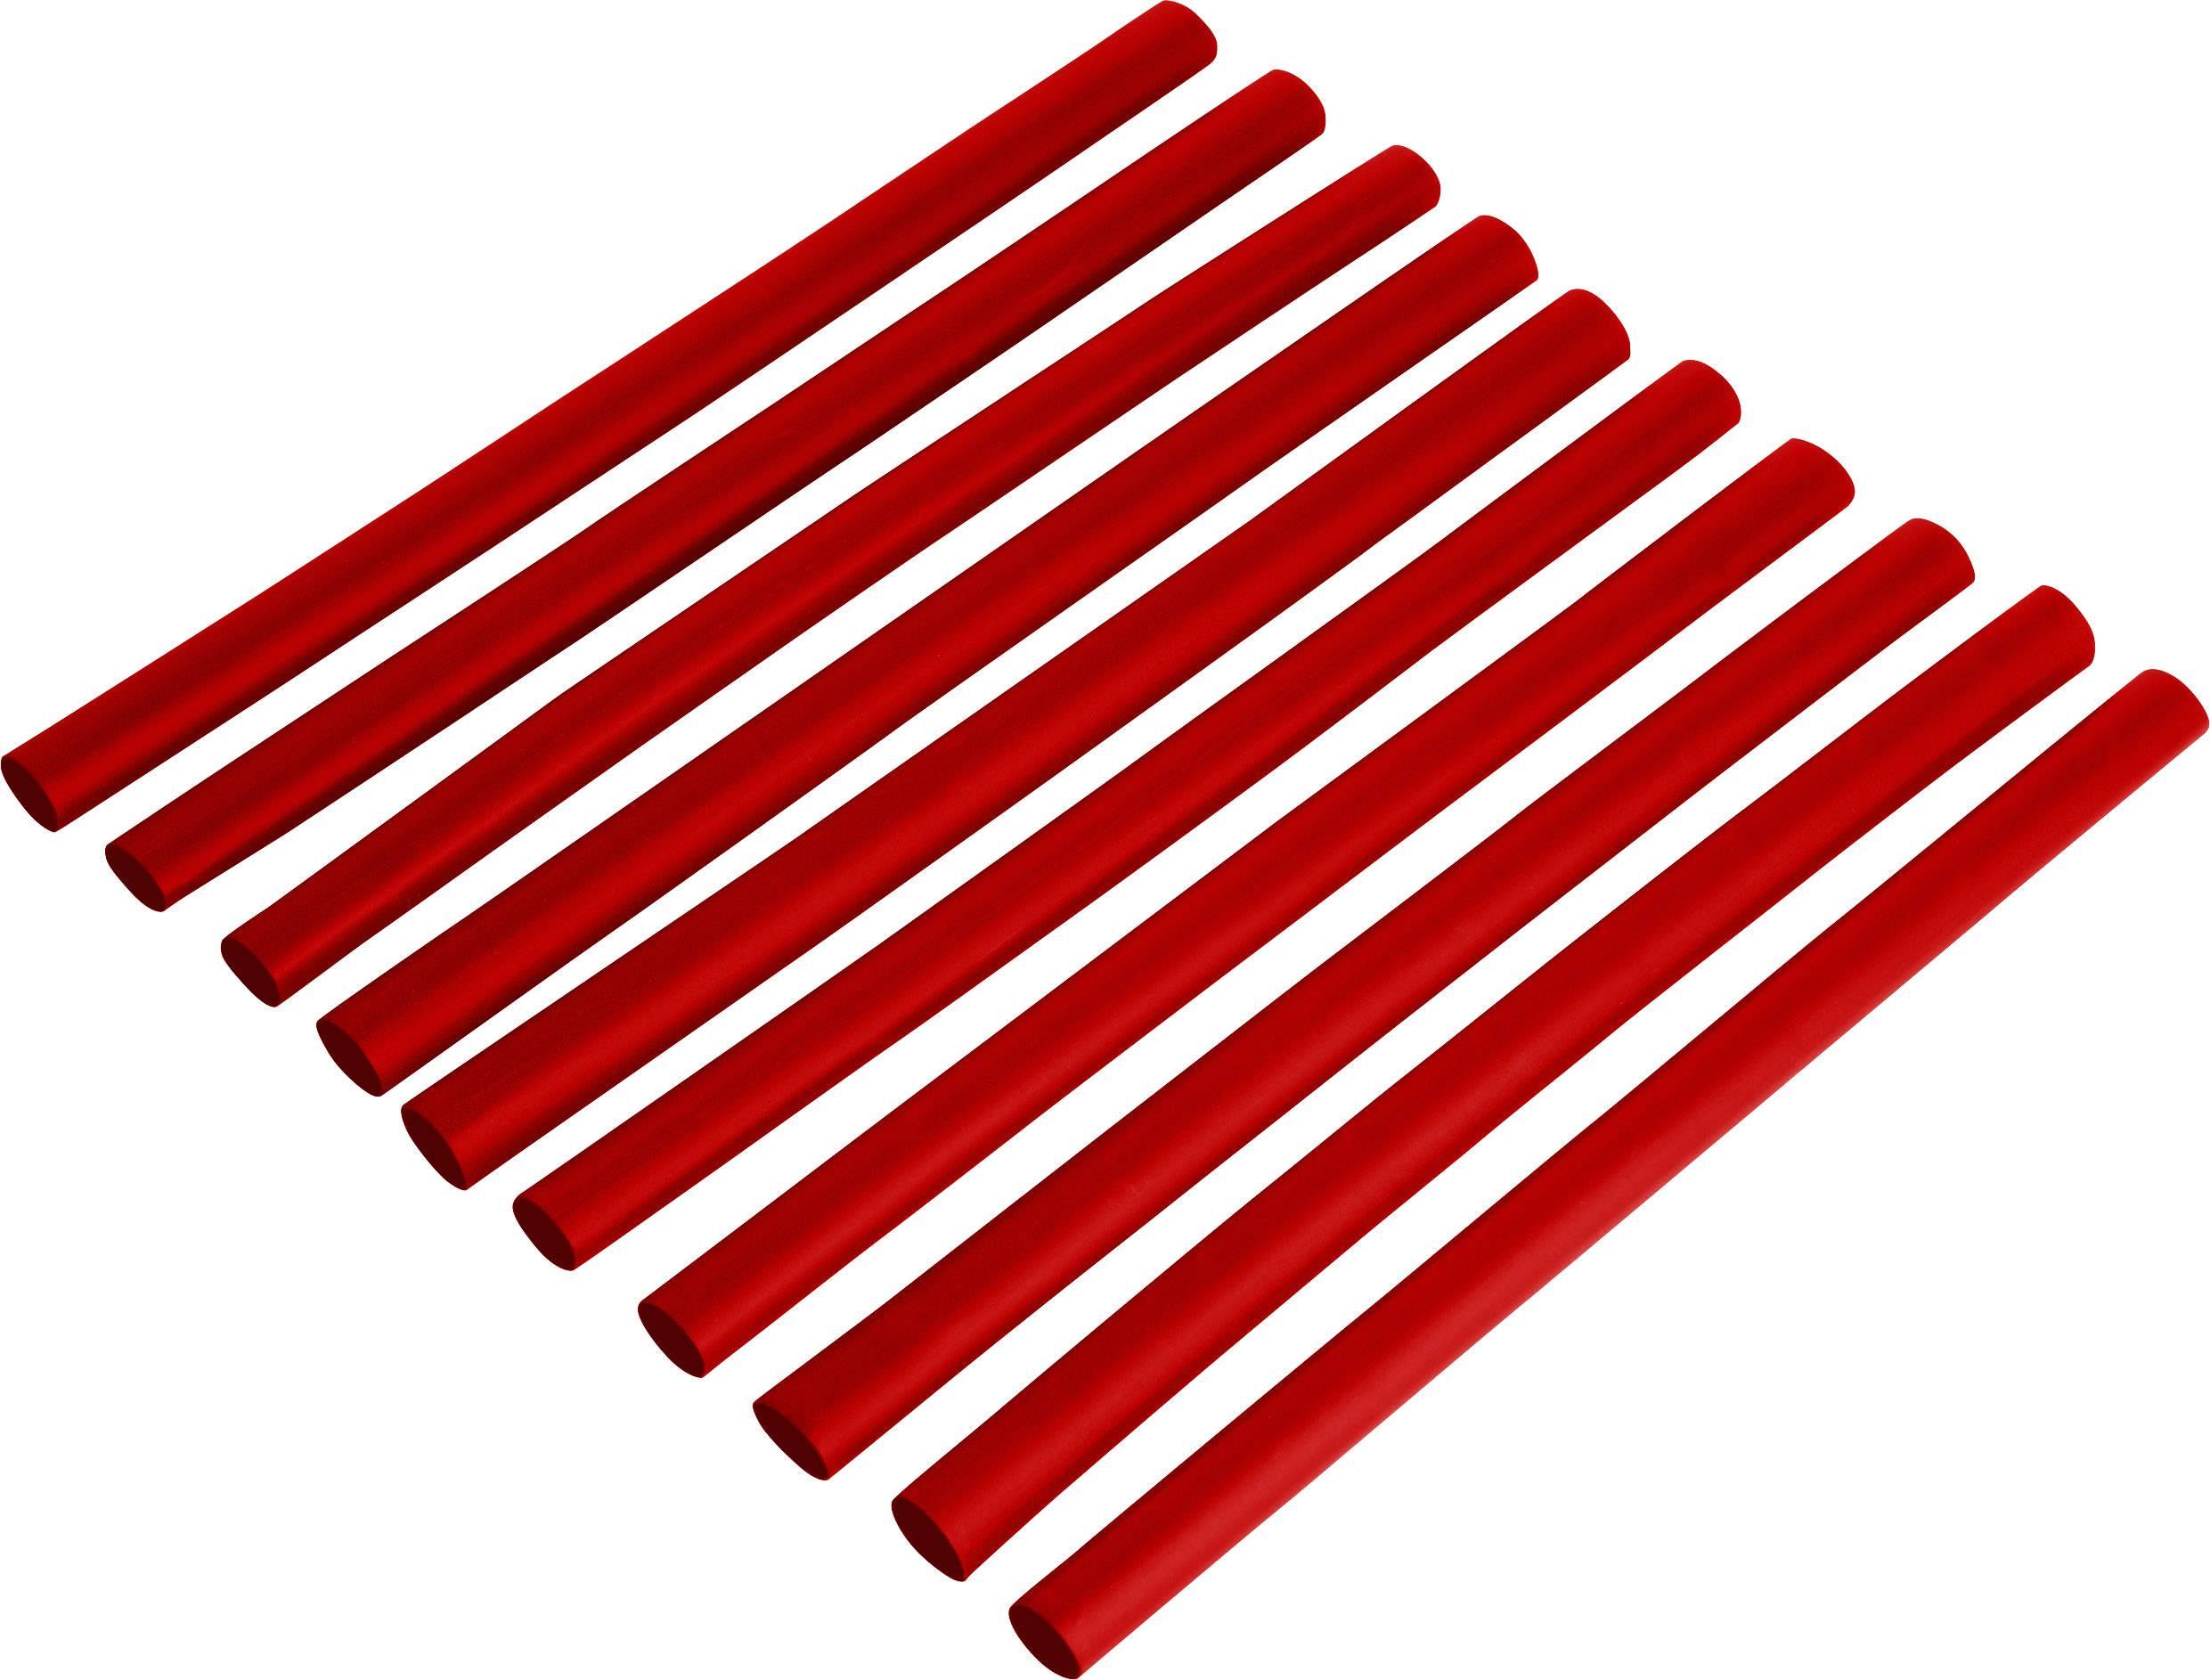 Sada zmršťovacých bužírok DSG Canusa 2810048302CO, 2:1, 2.40 mm /4.80 mm, červená, 1 sada